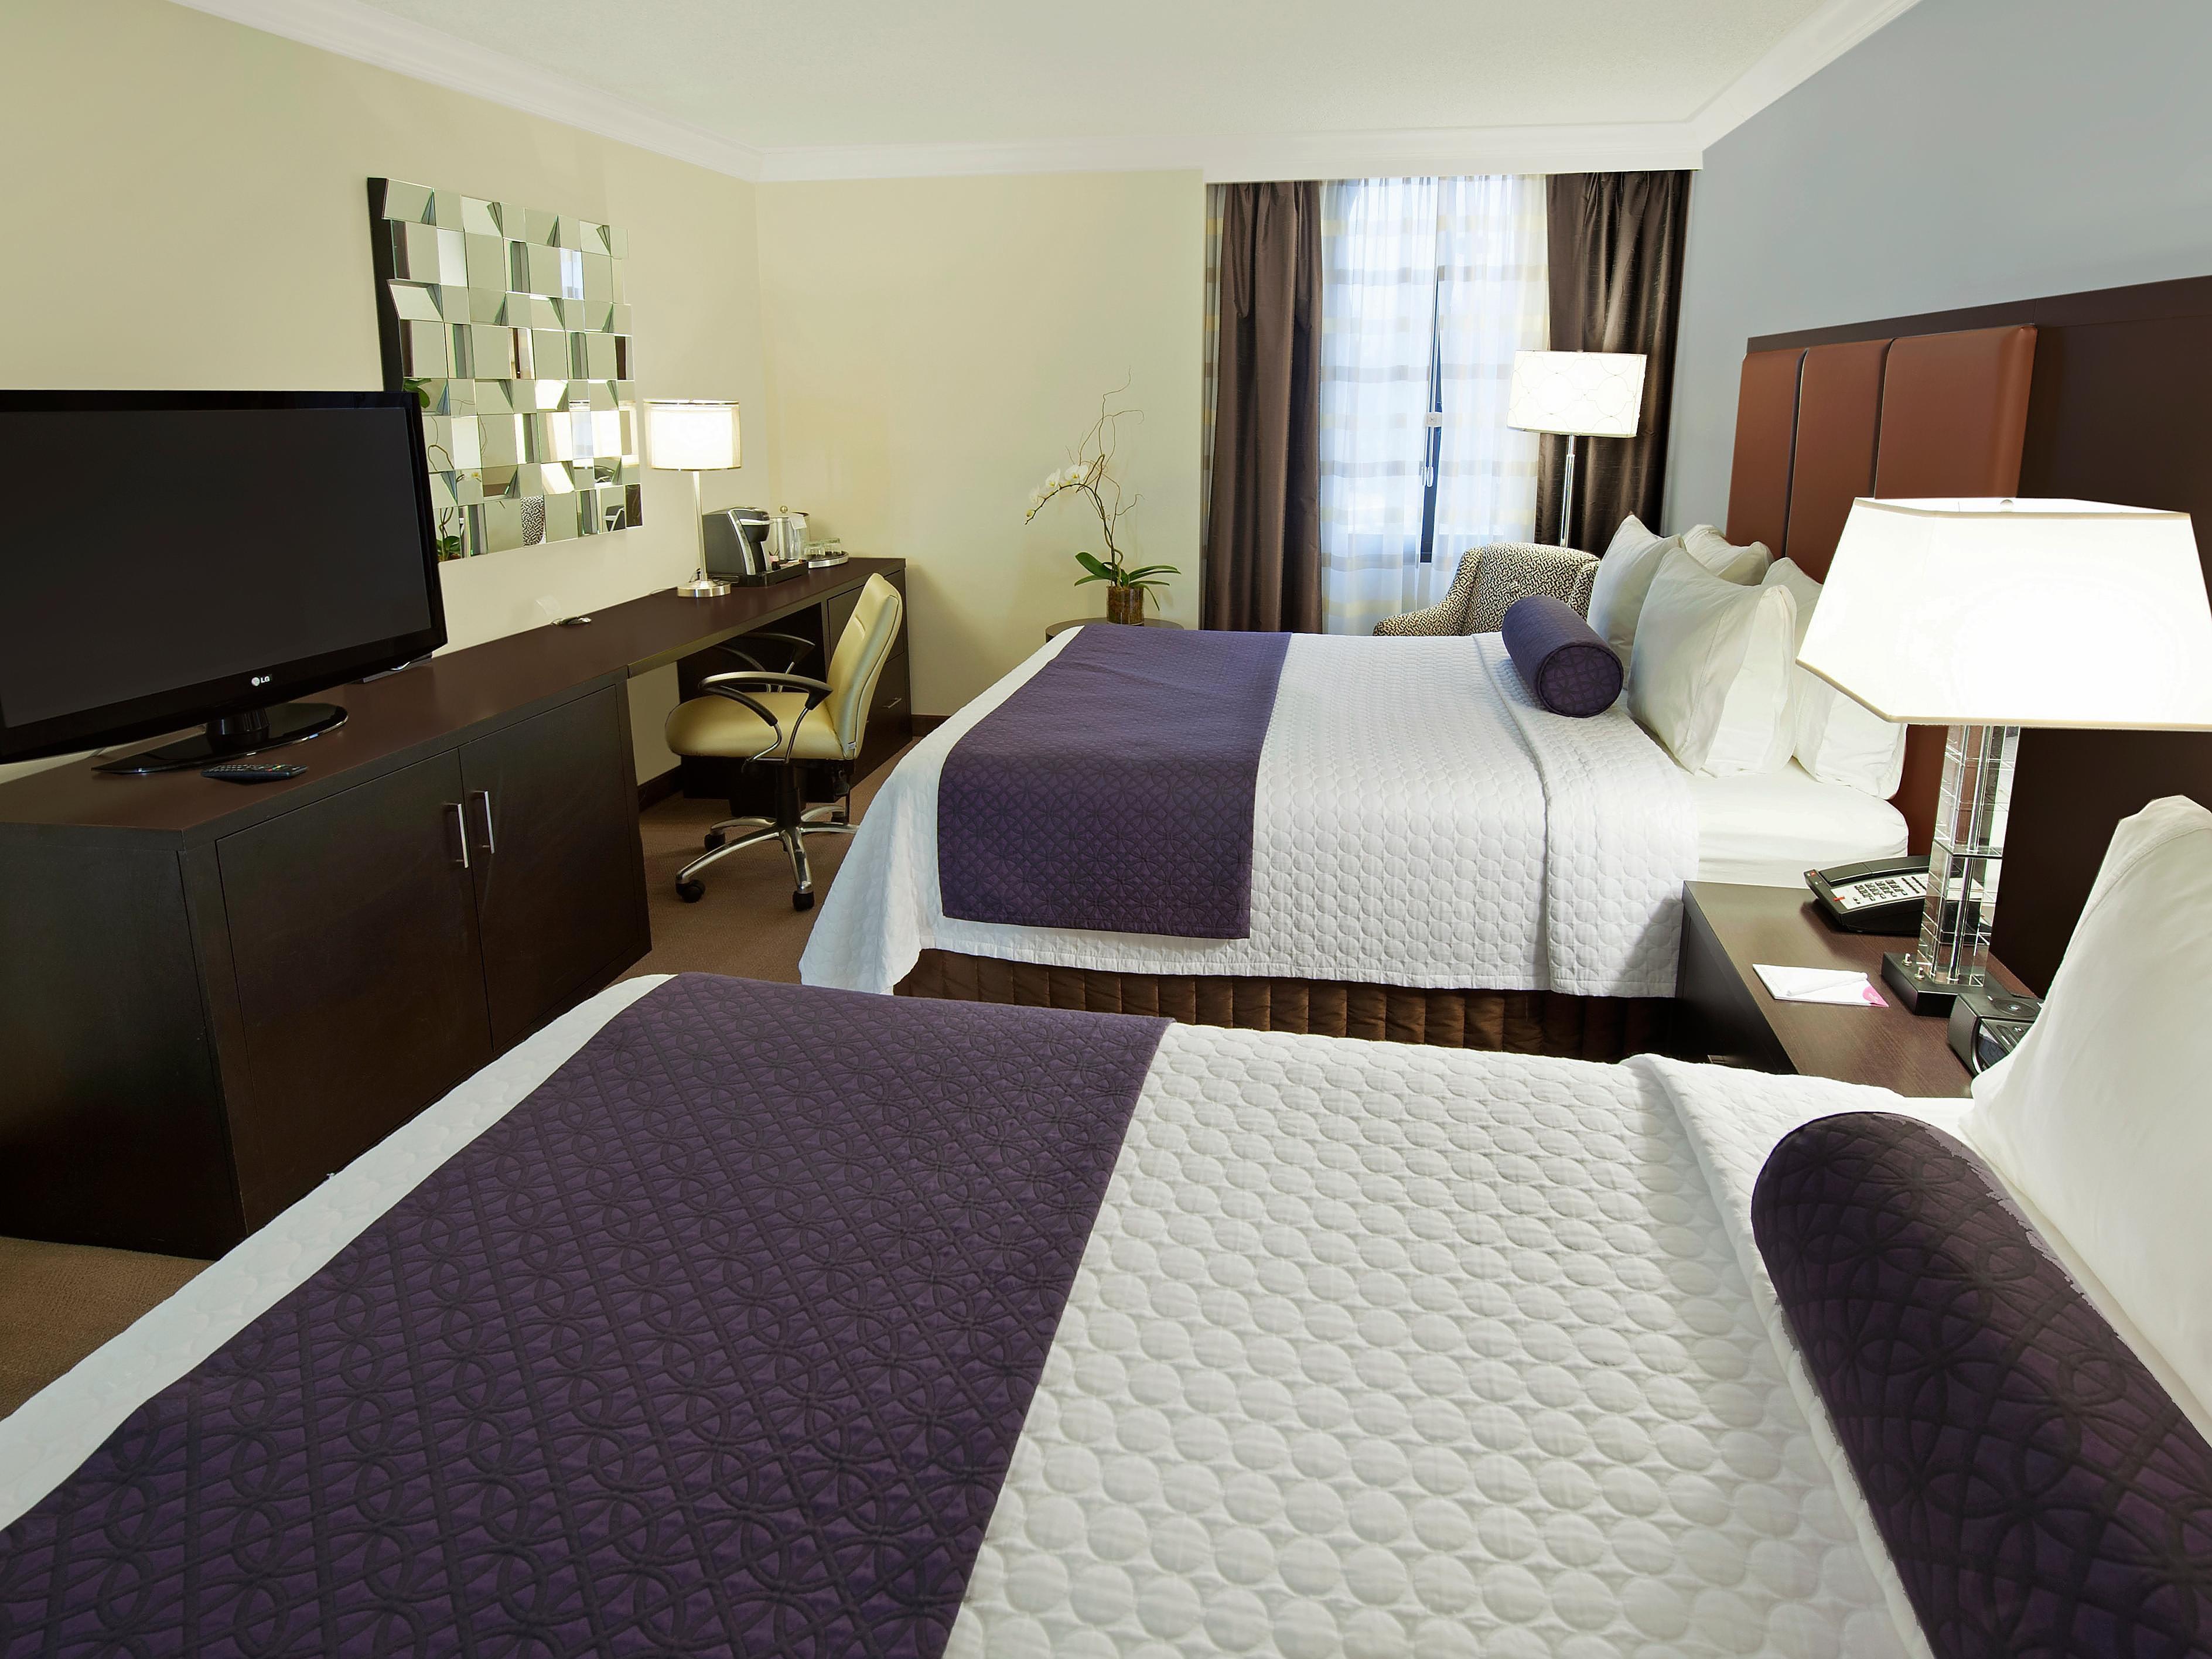 Crowne Plaza Suffern-Mahwah | Hotels in Mahwah, NJ